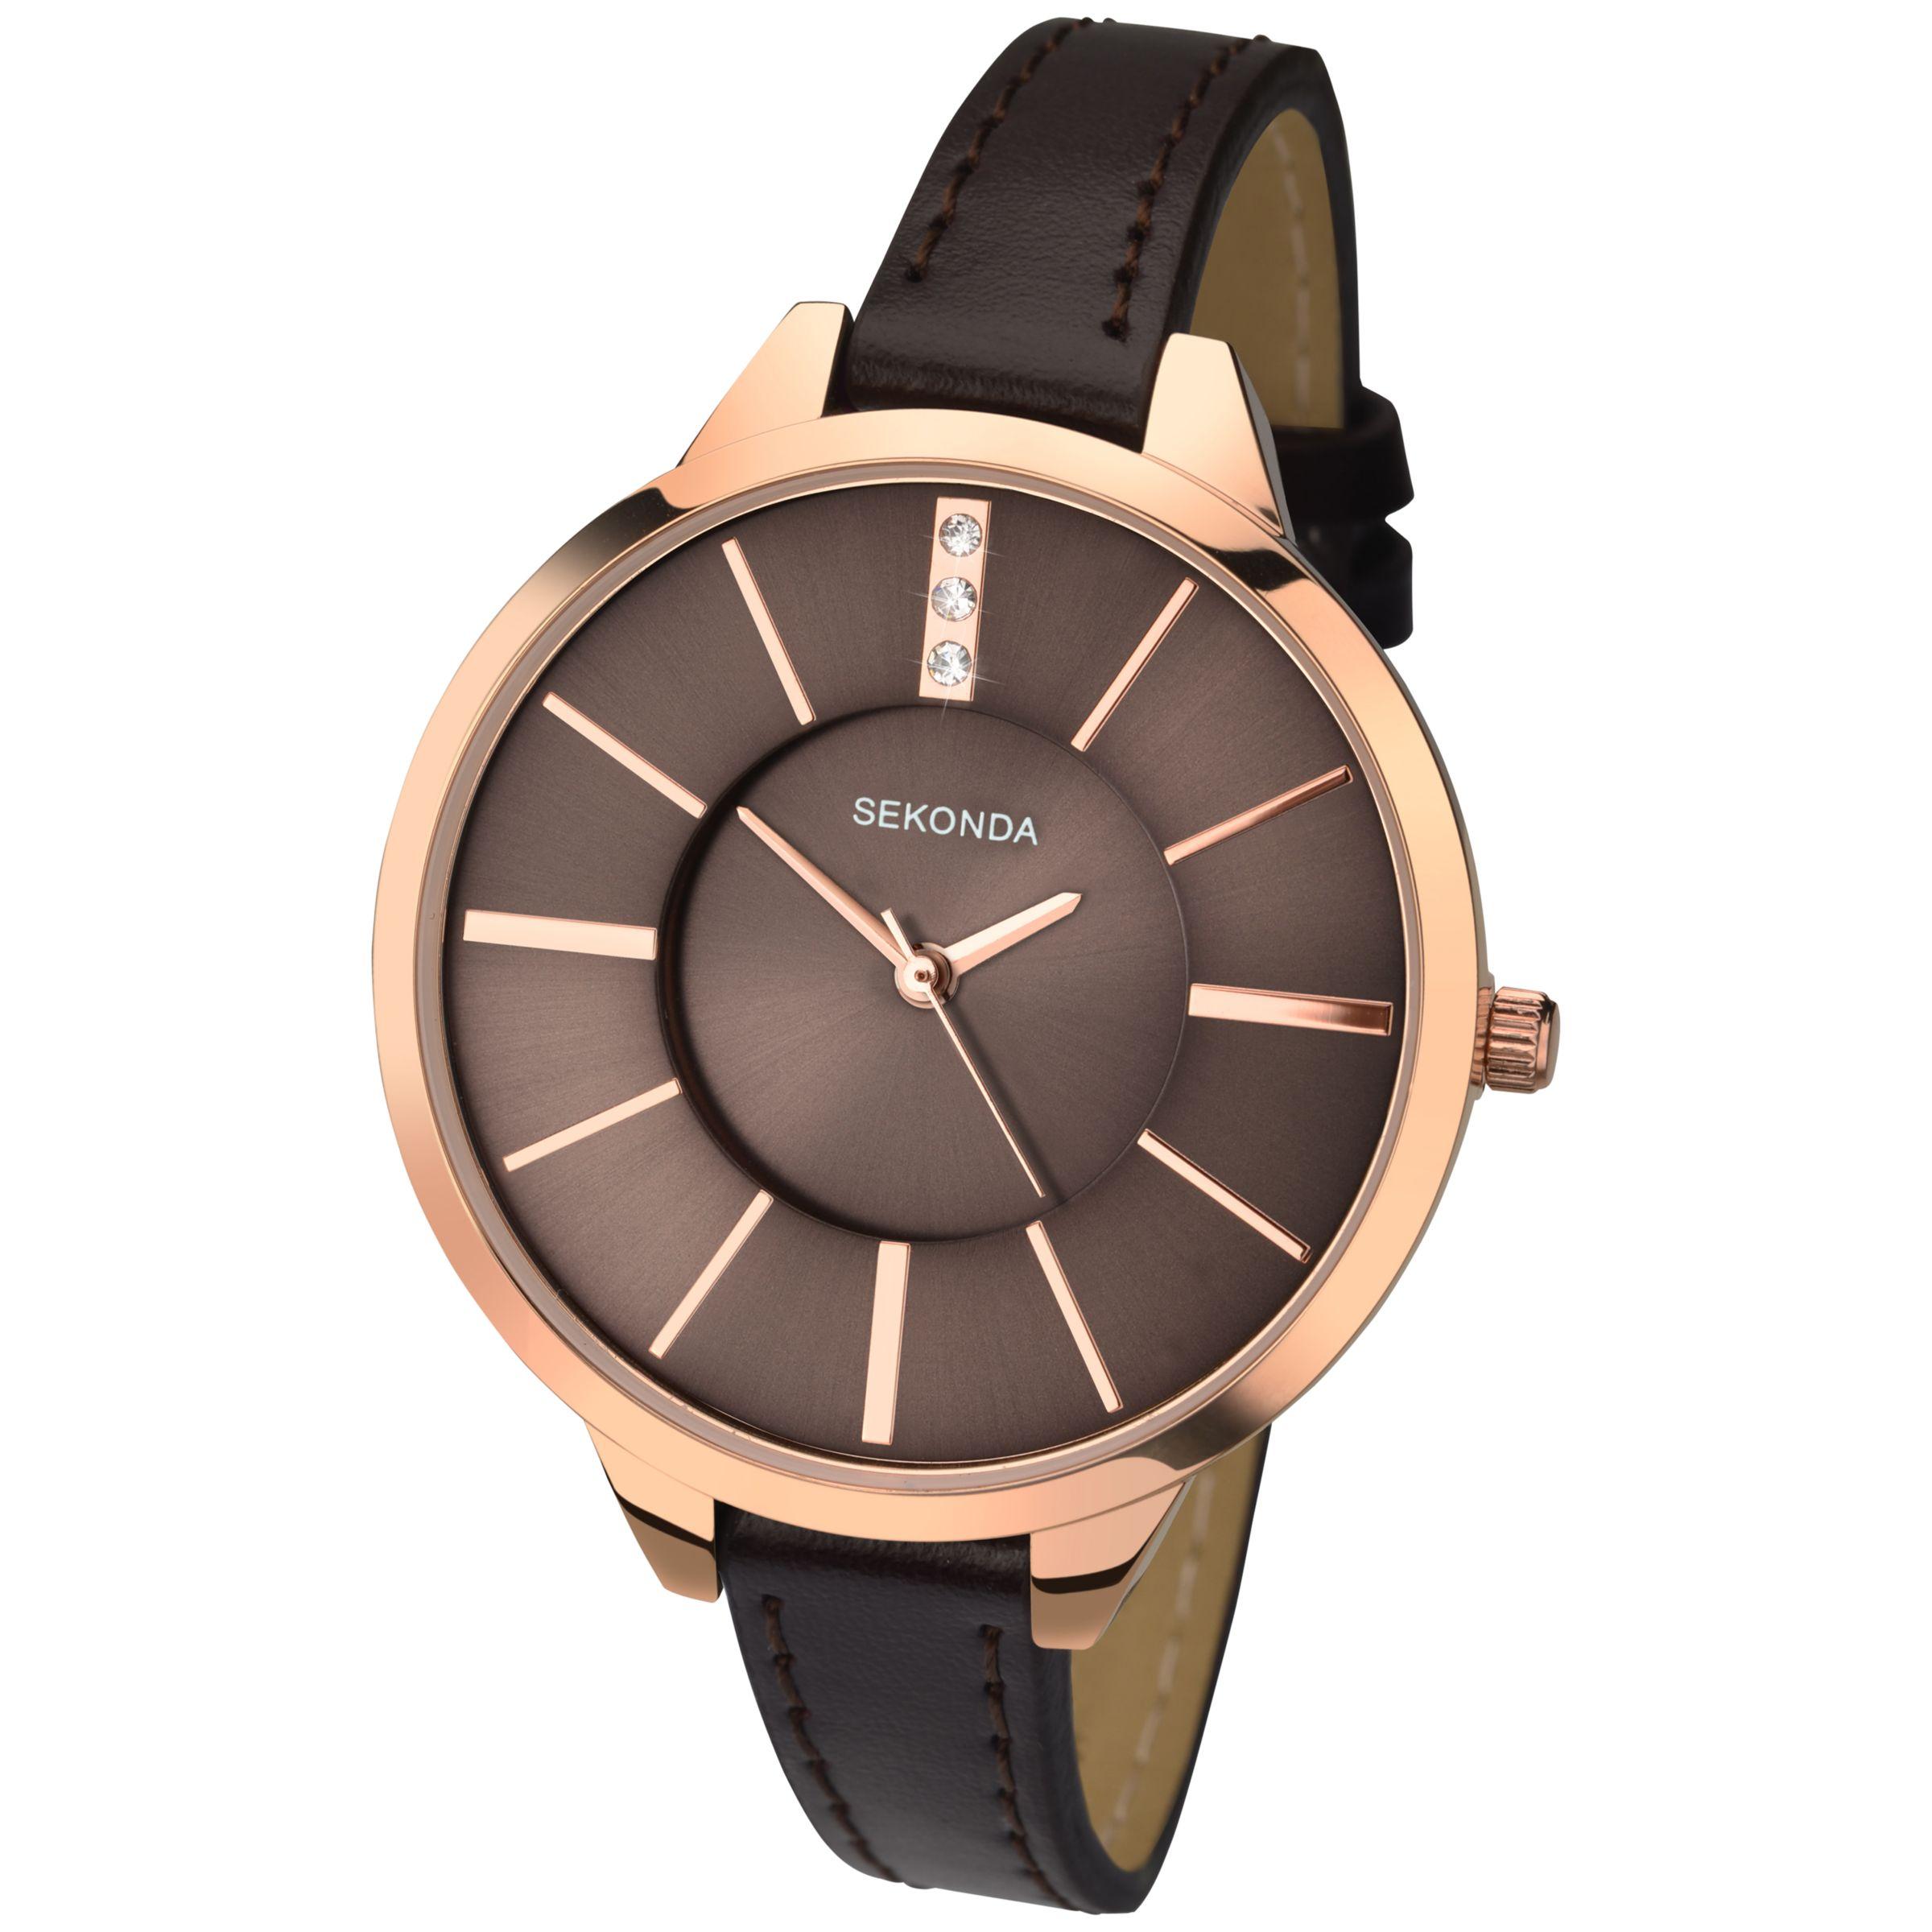 Sekonda Sekonda 2250.27 Women's Rose Gold Faux Leather Strap Watch, Mink